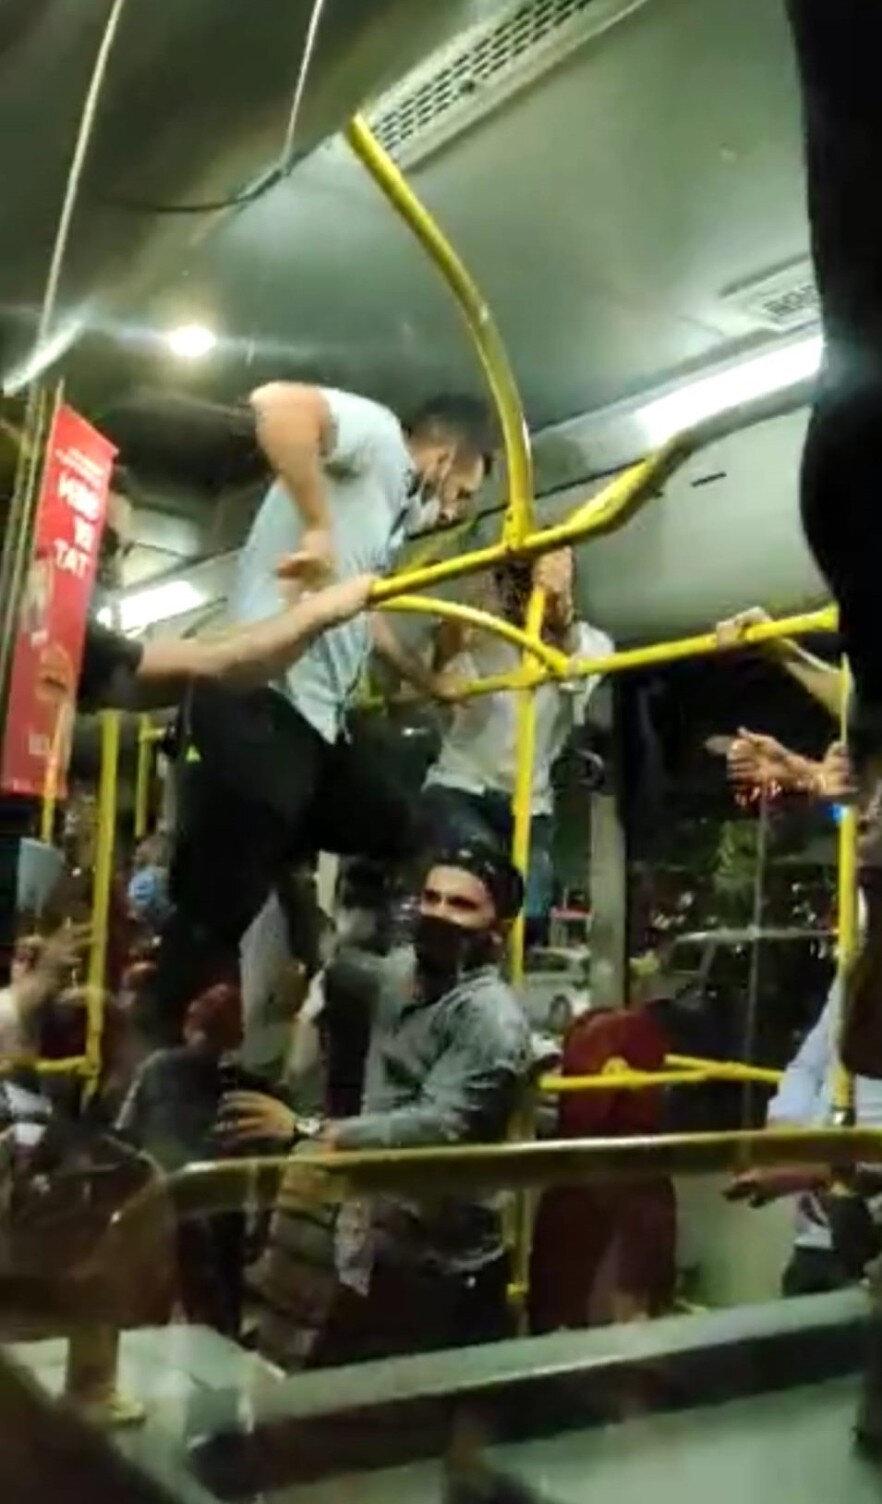 Diğer yolcular büyük panik yaşadı.